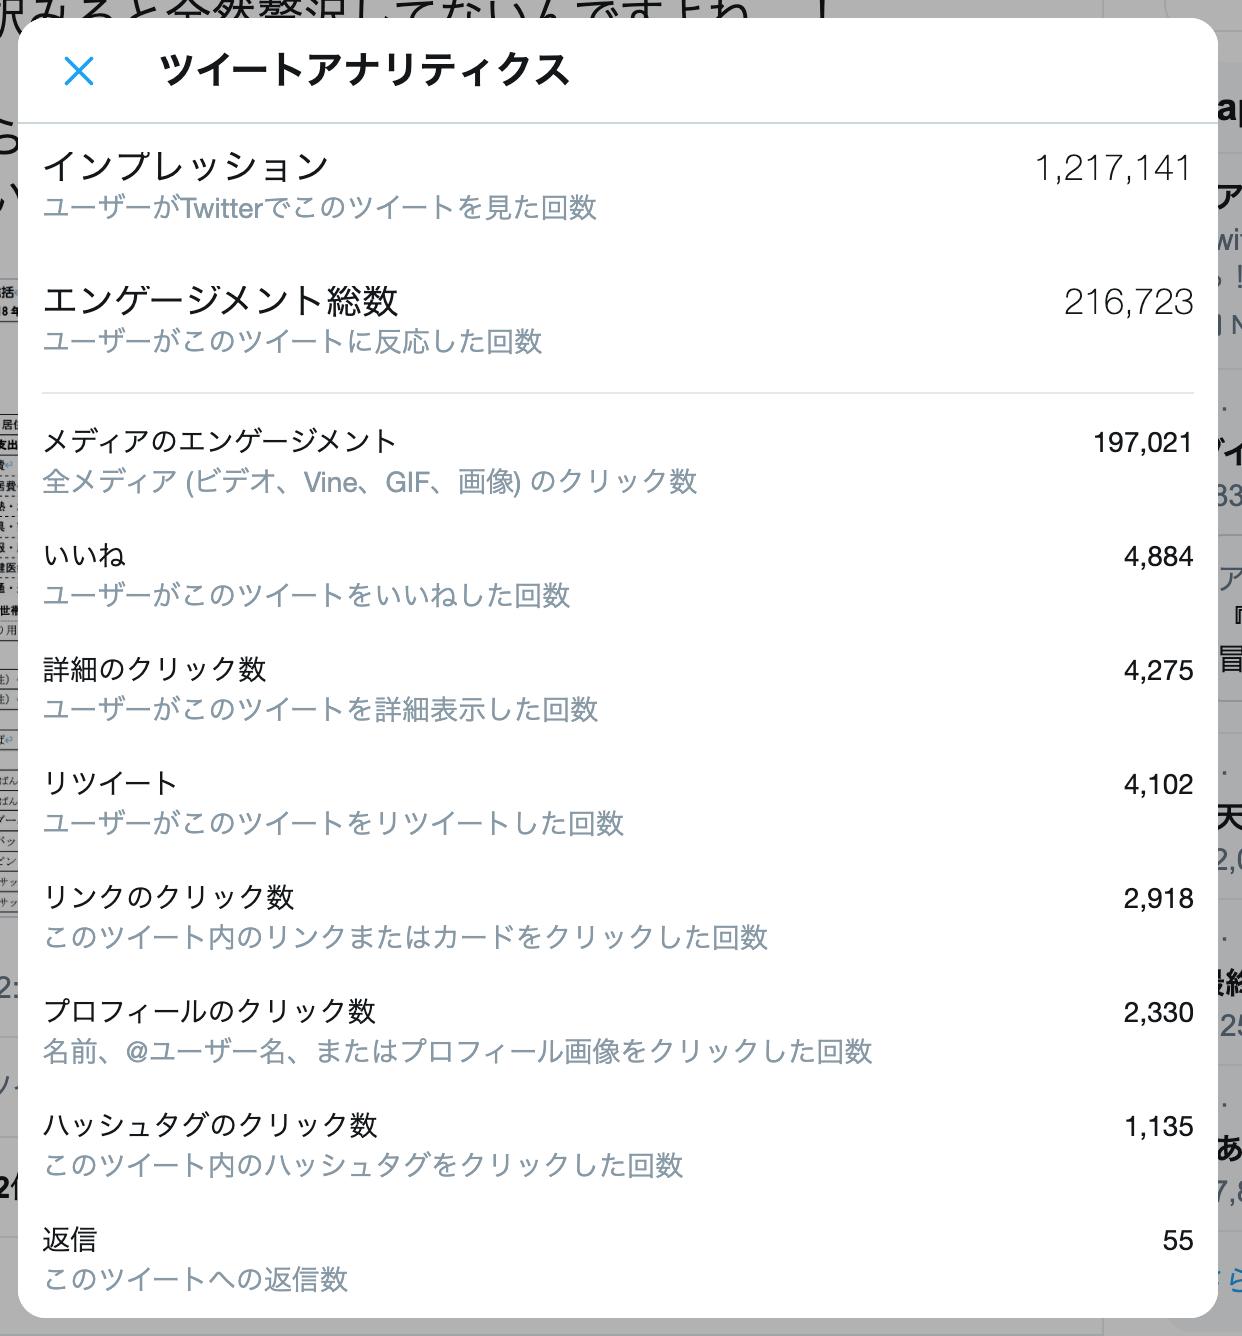 バズツイートによるプロフィールクリックは2,000ほど